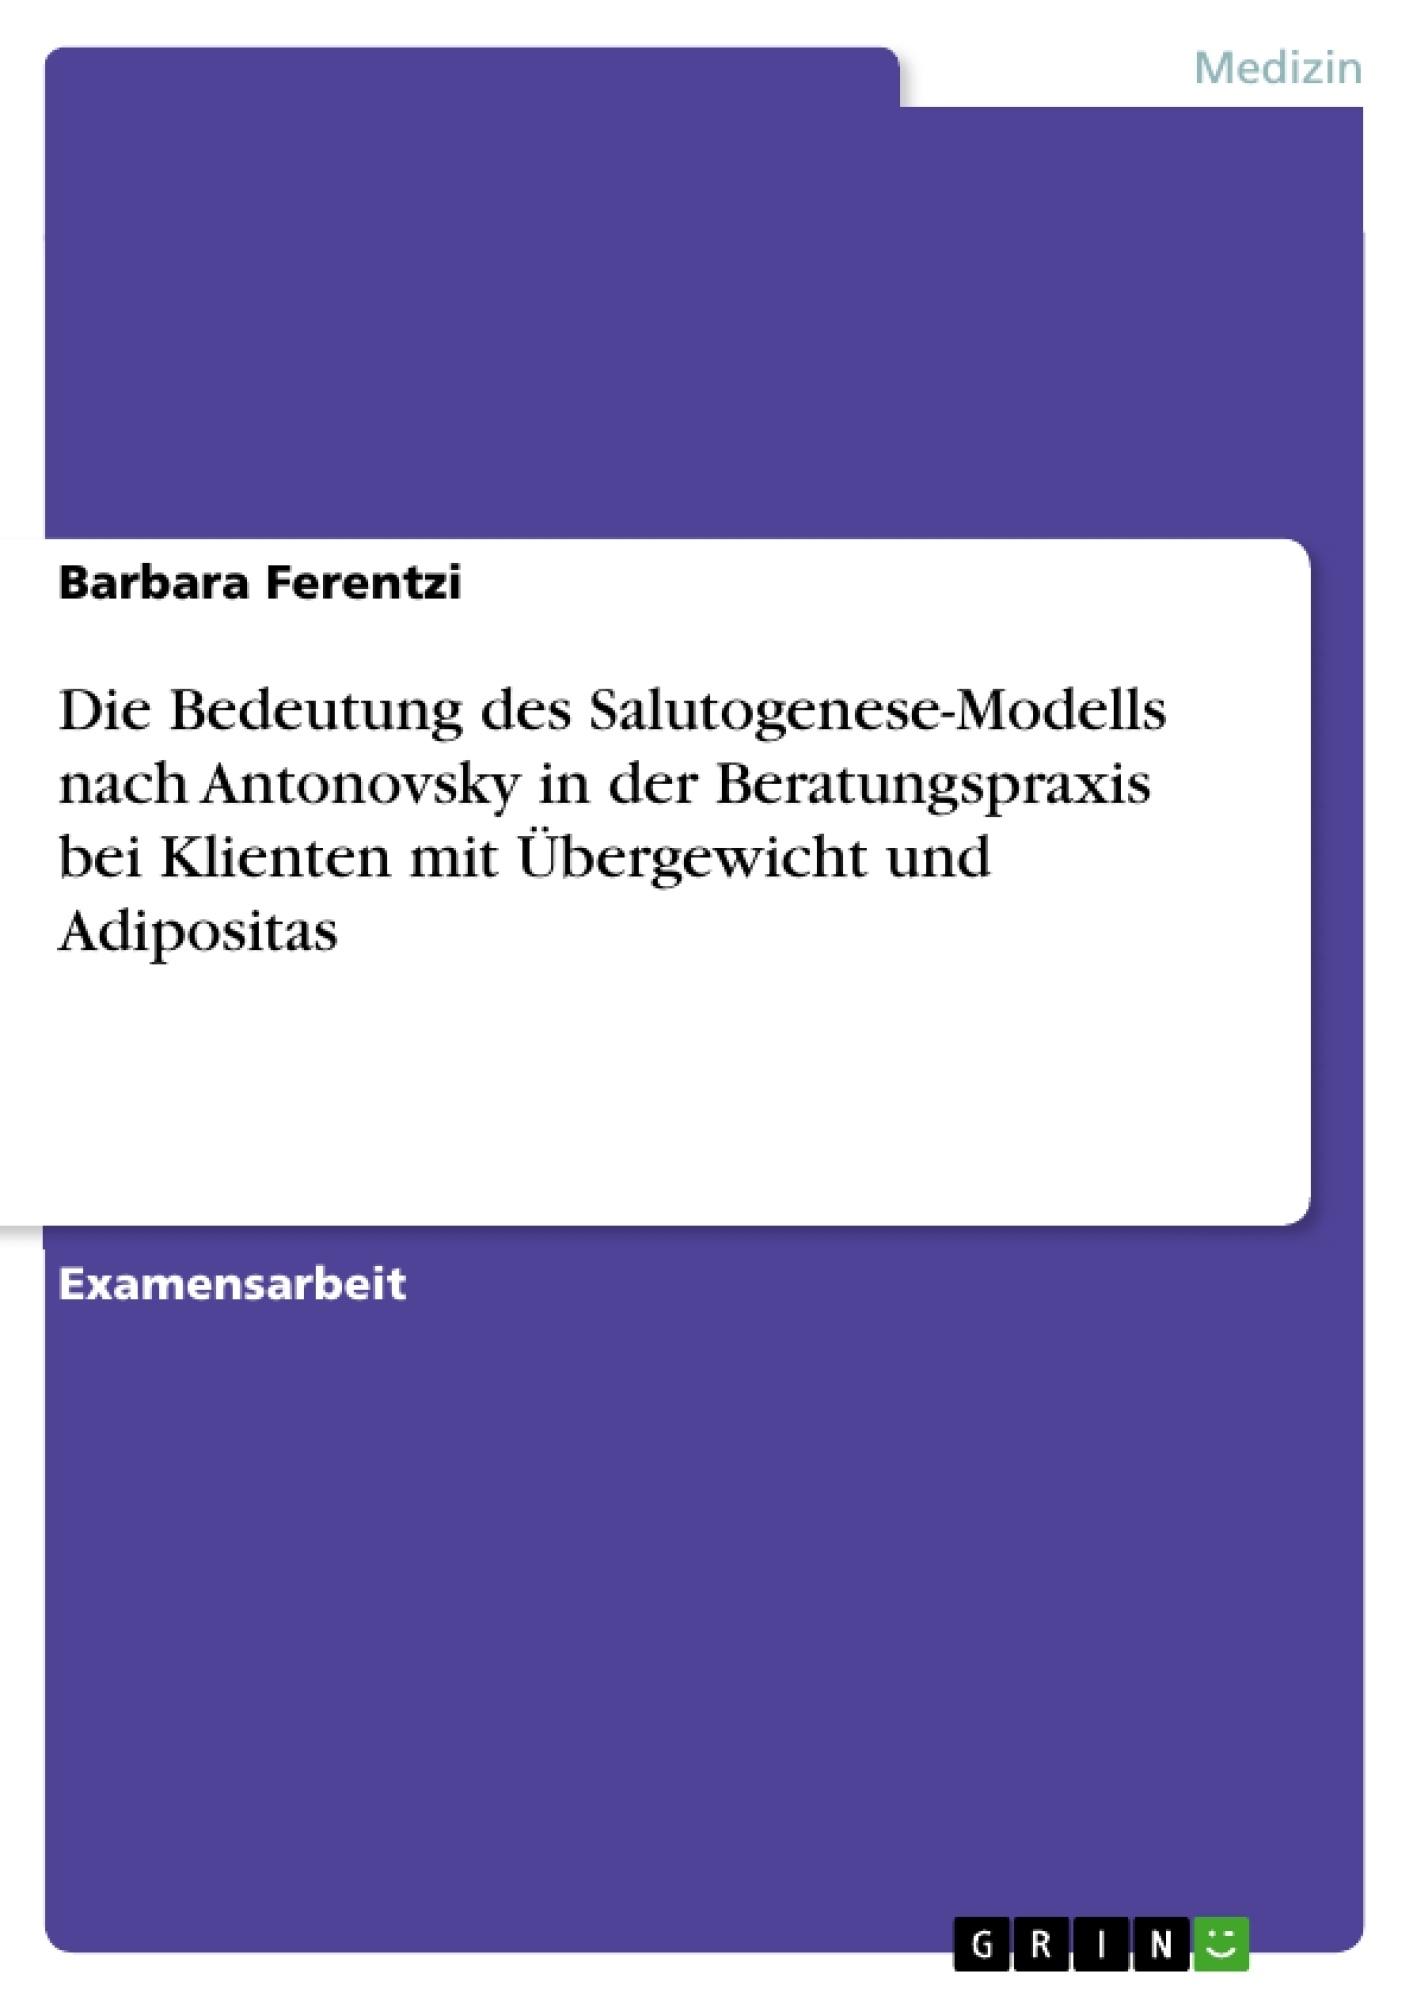 Titel: Die Bedeutung des Salutogenese-Modells nach Antonovsky in der Beratungspraxis bei Klienten mit Übergewicht und Adipositas